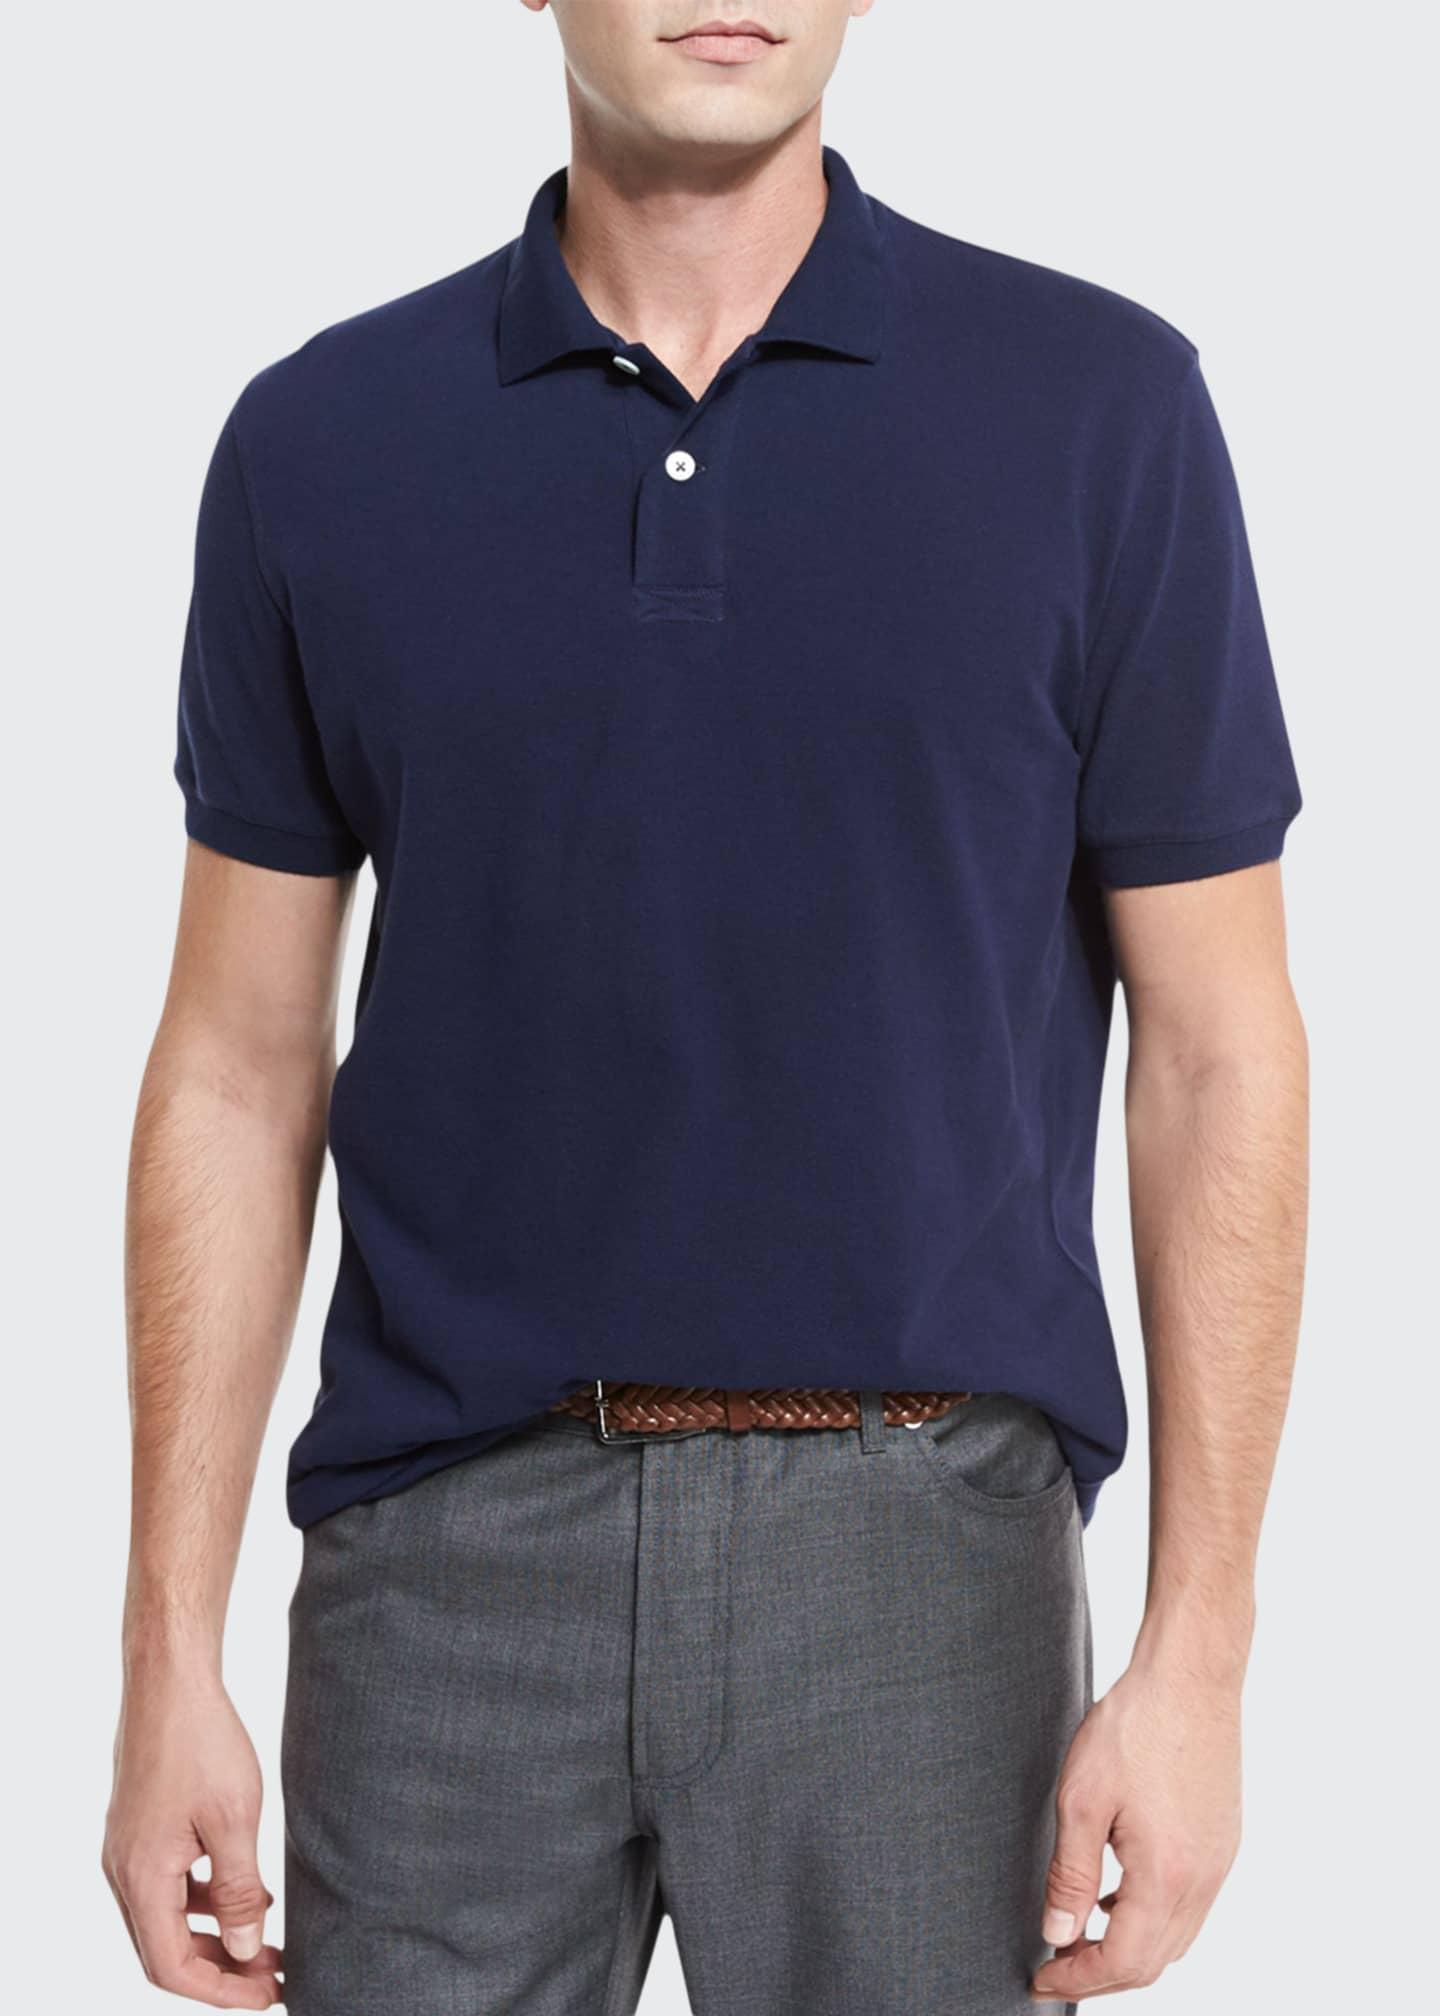 Brunello Cucinelli Pique Polo Shirt, White